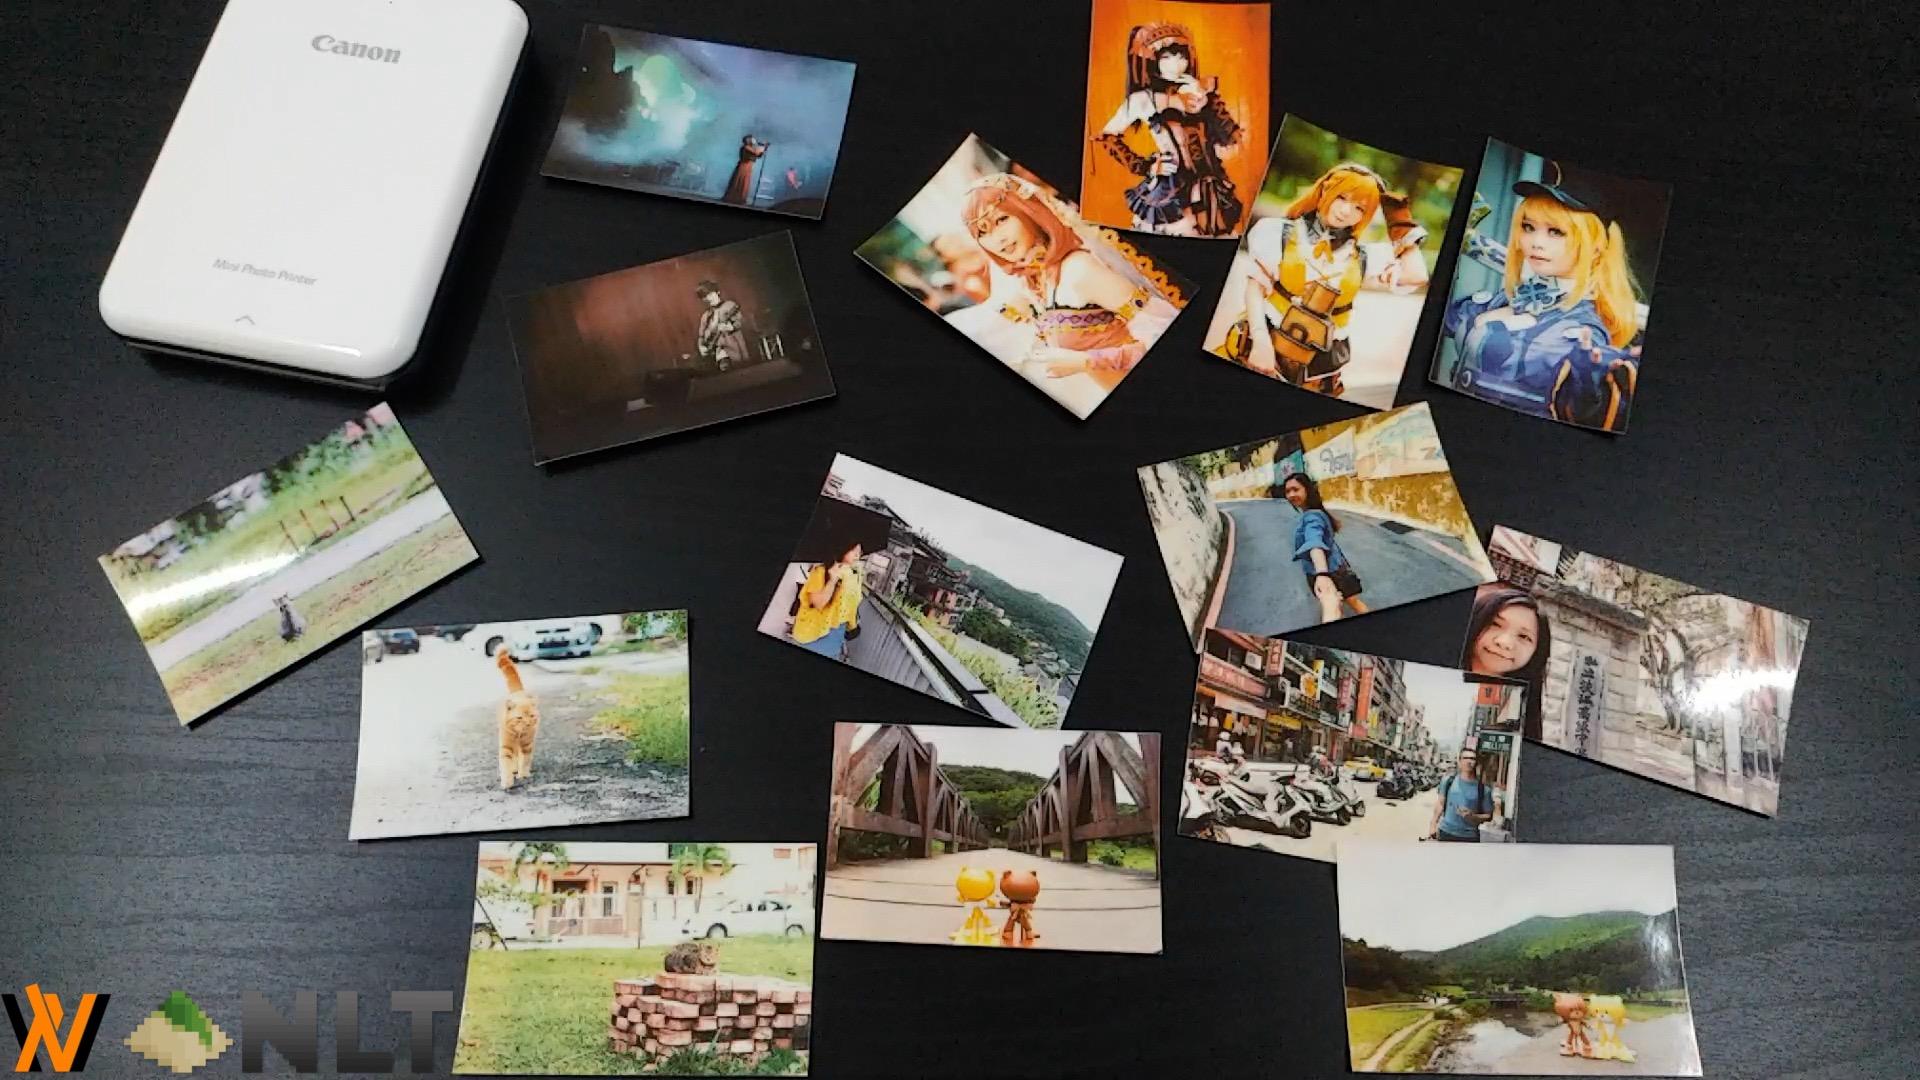 Review - Canon Mini Photo Printer (PV-123) | Nasi Lemak Tech